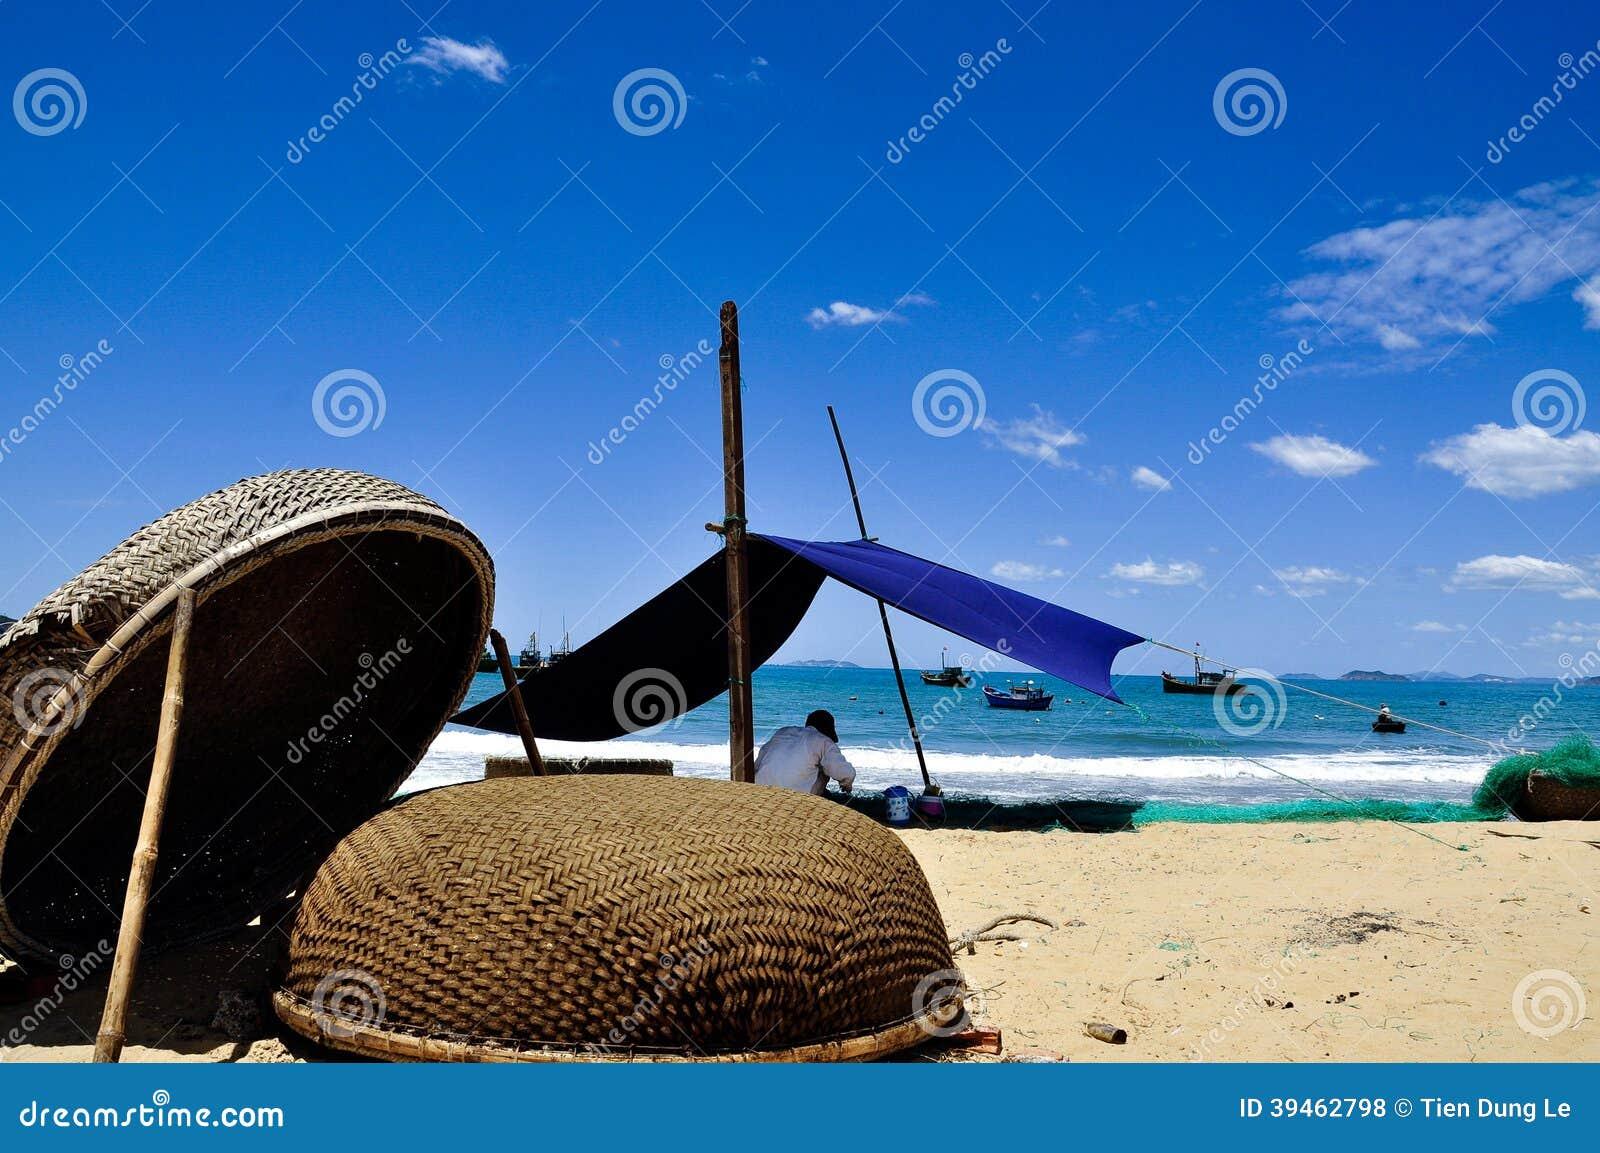 Patching fishing nets on Quy Nhon Beach